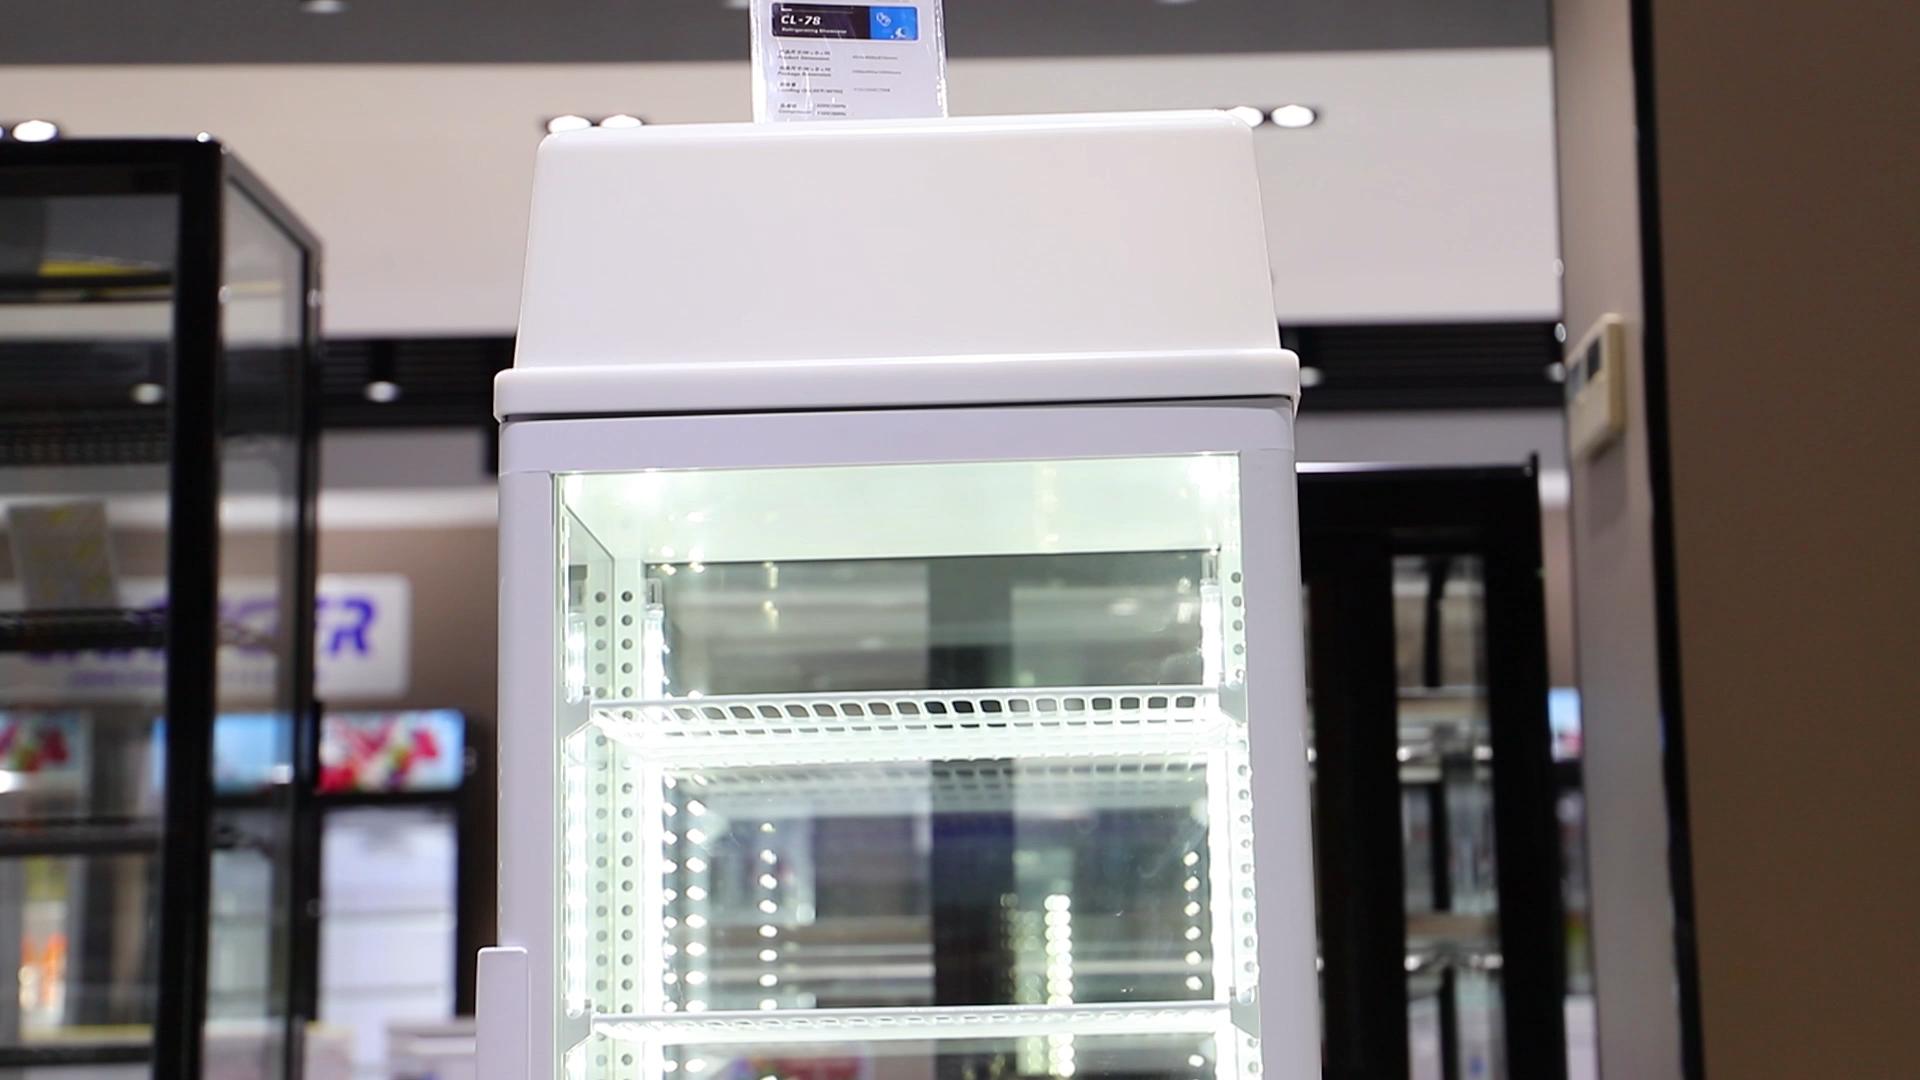 Display Kühlschrank Kühler/Getränke Kühlschrank für Bier und Getränke gefrierschrank ausrüstung kommerziellen schaufenster